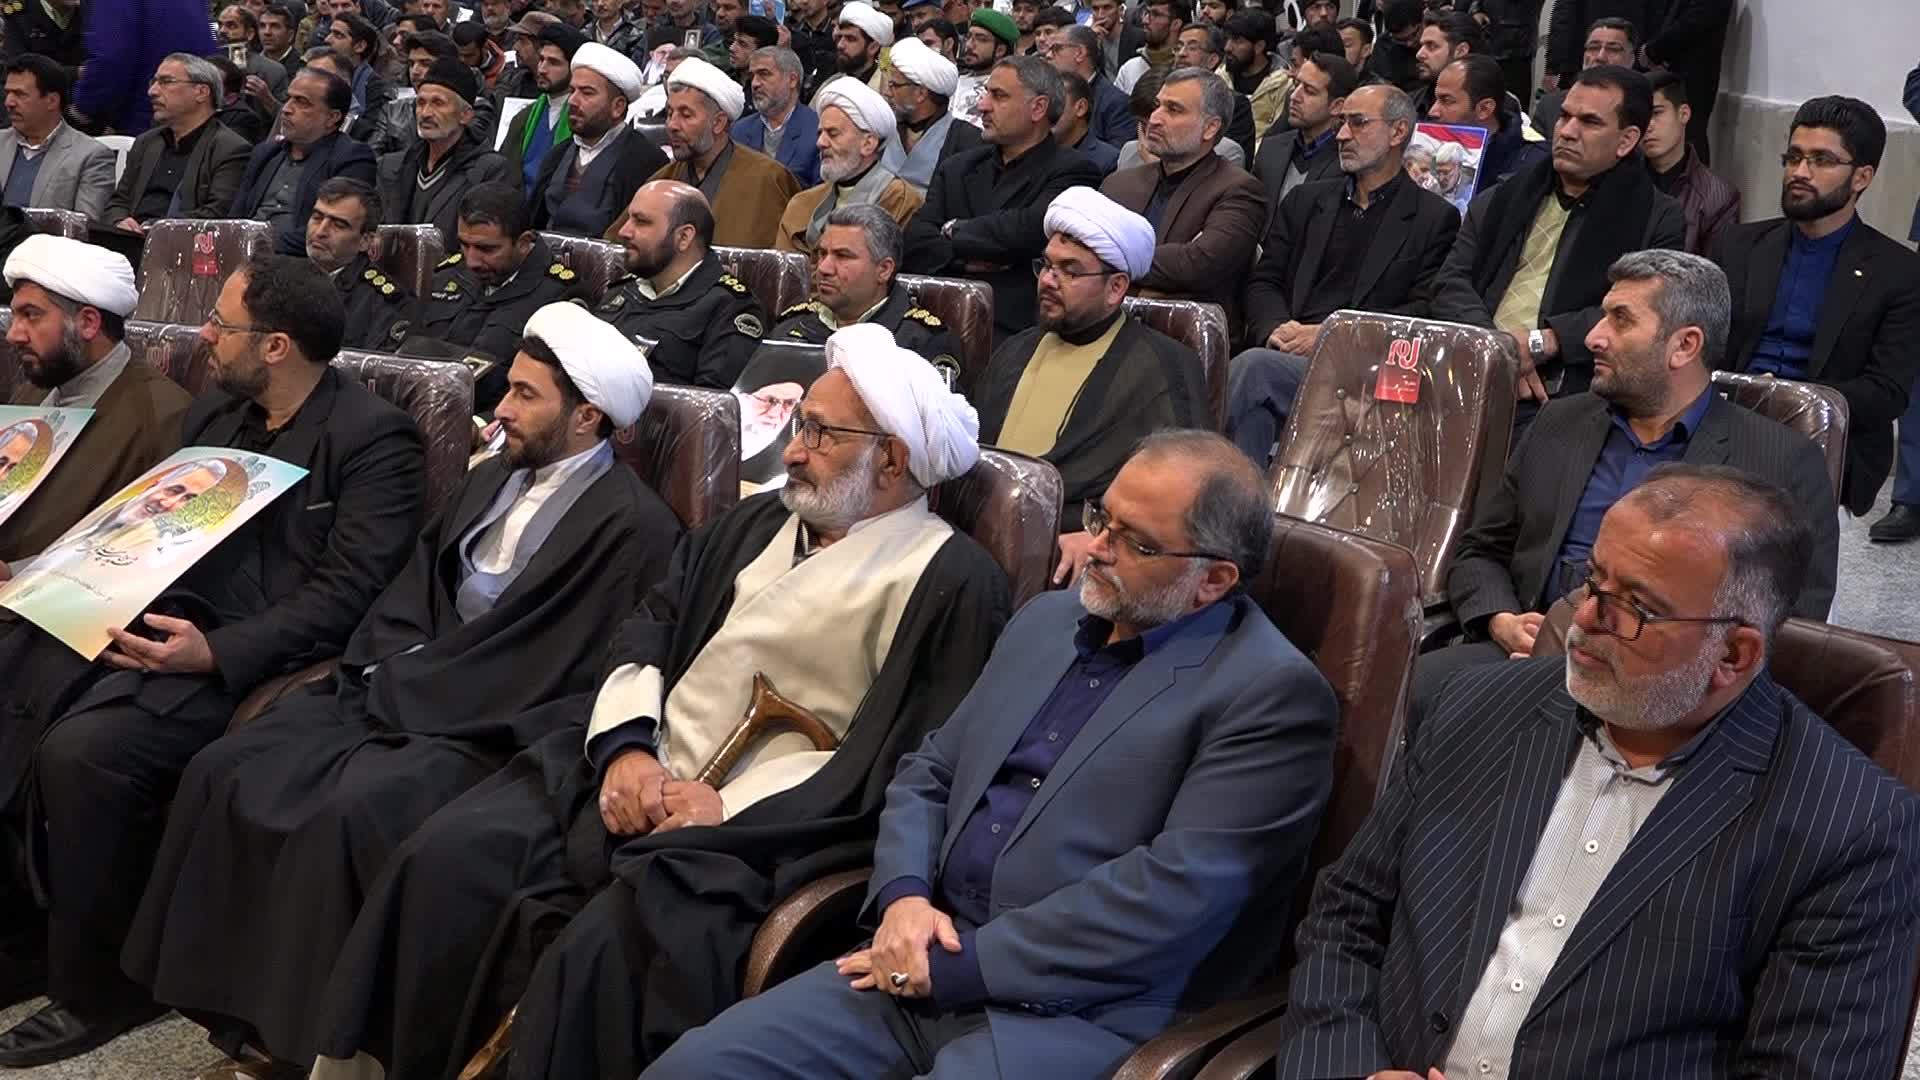 مراسم یادبود هفتمین روز شهادت سپهبد حاج قاسم سلیمانی در بیرجند